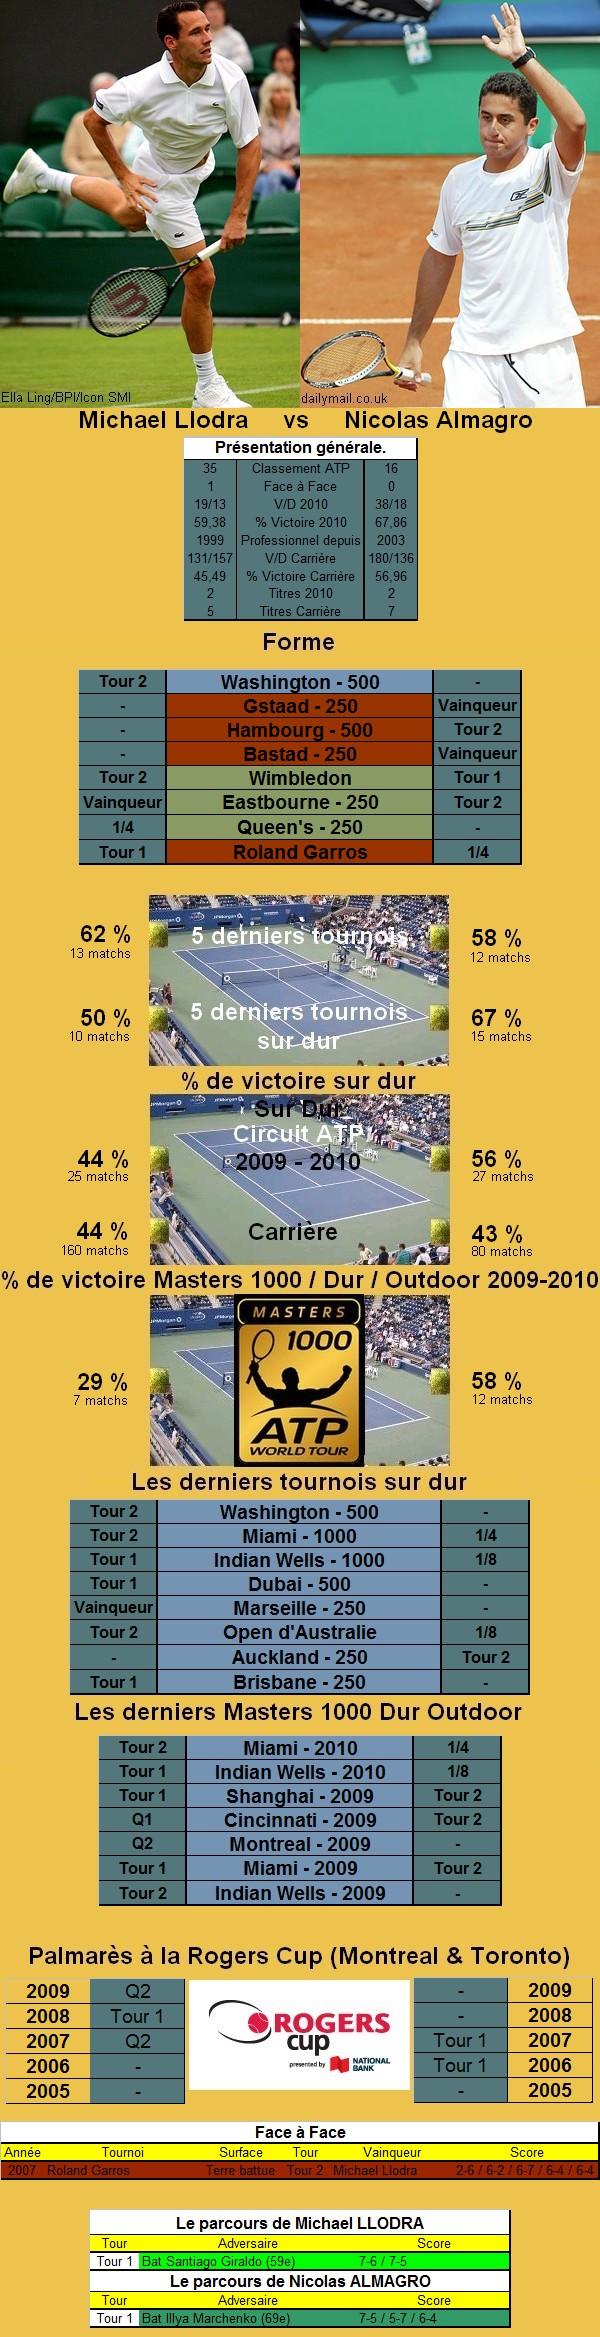 Statistiques tennis de Llodra contre Almagro à Toronto